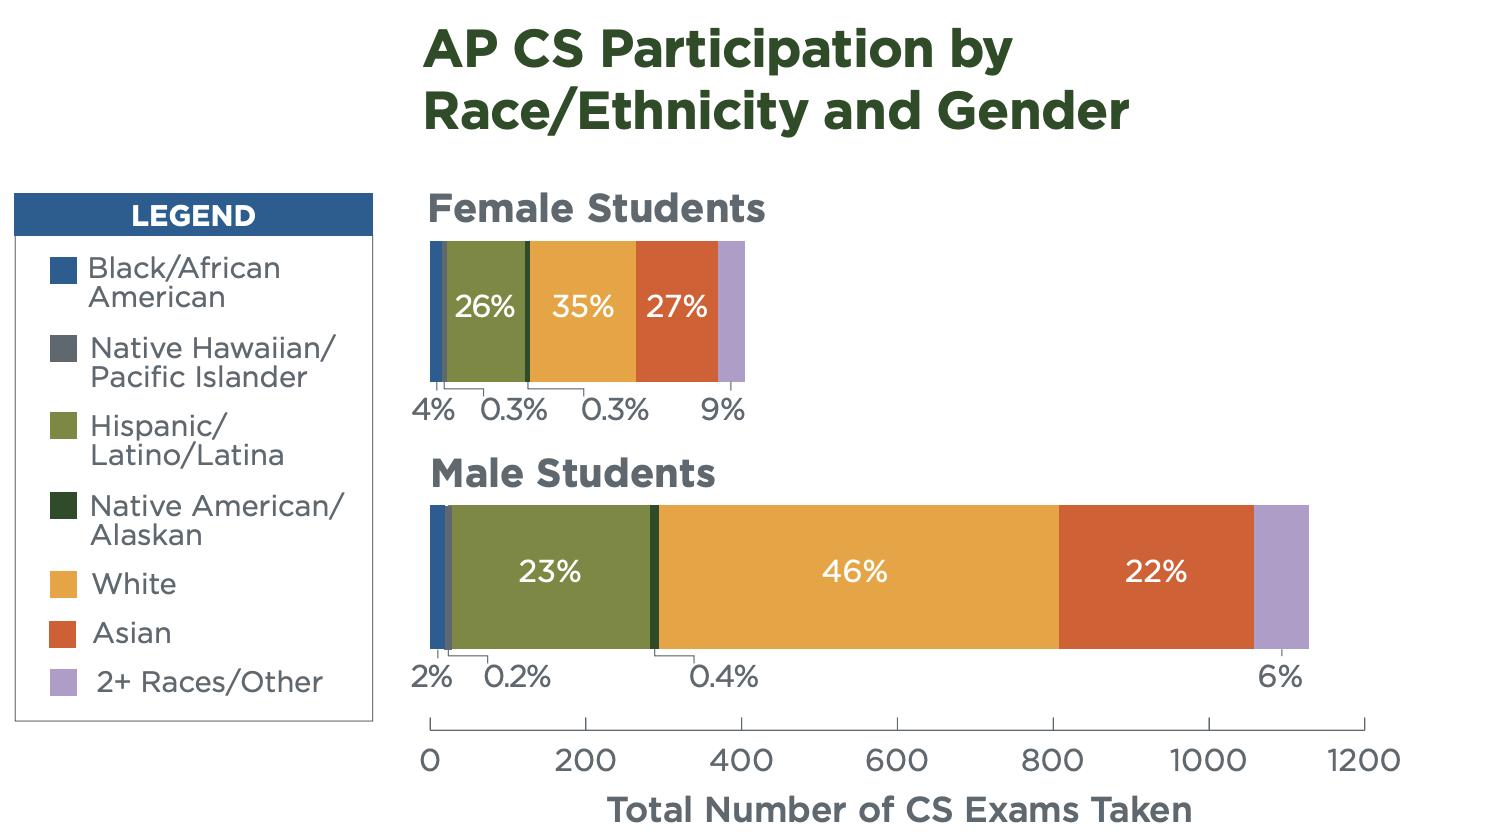 AP CS Participation by Race/Ethnicity & Gender